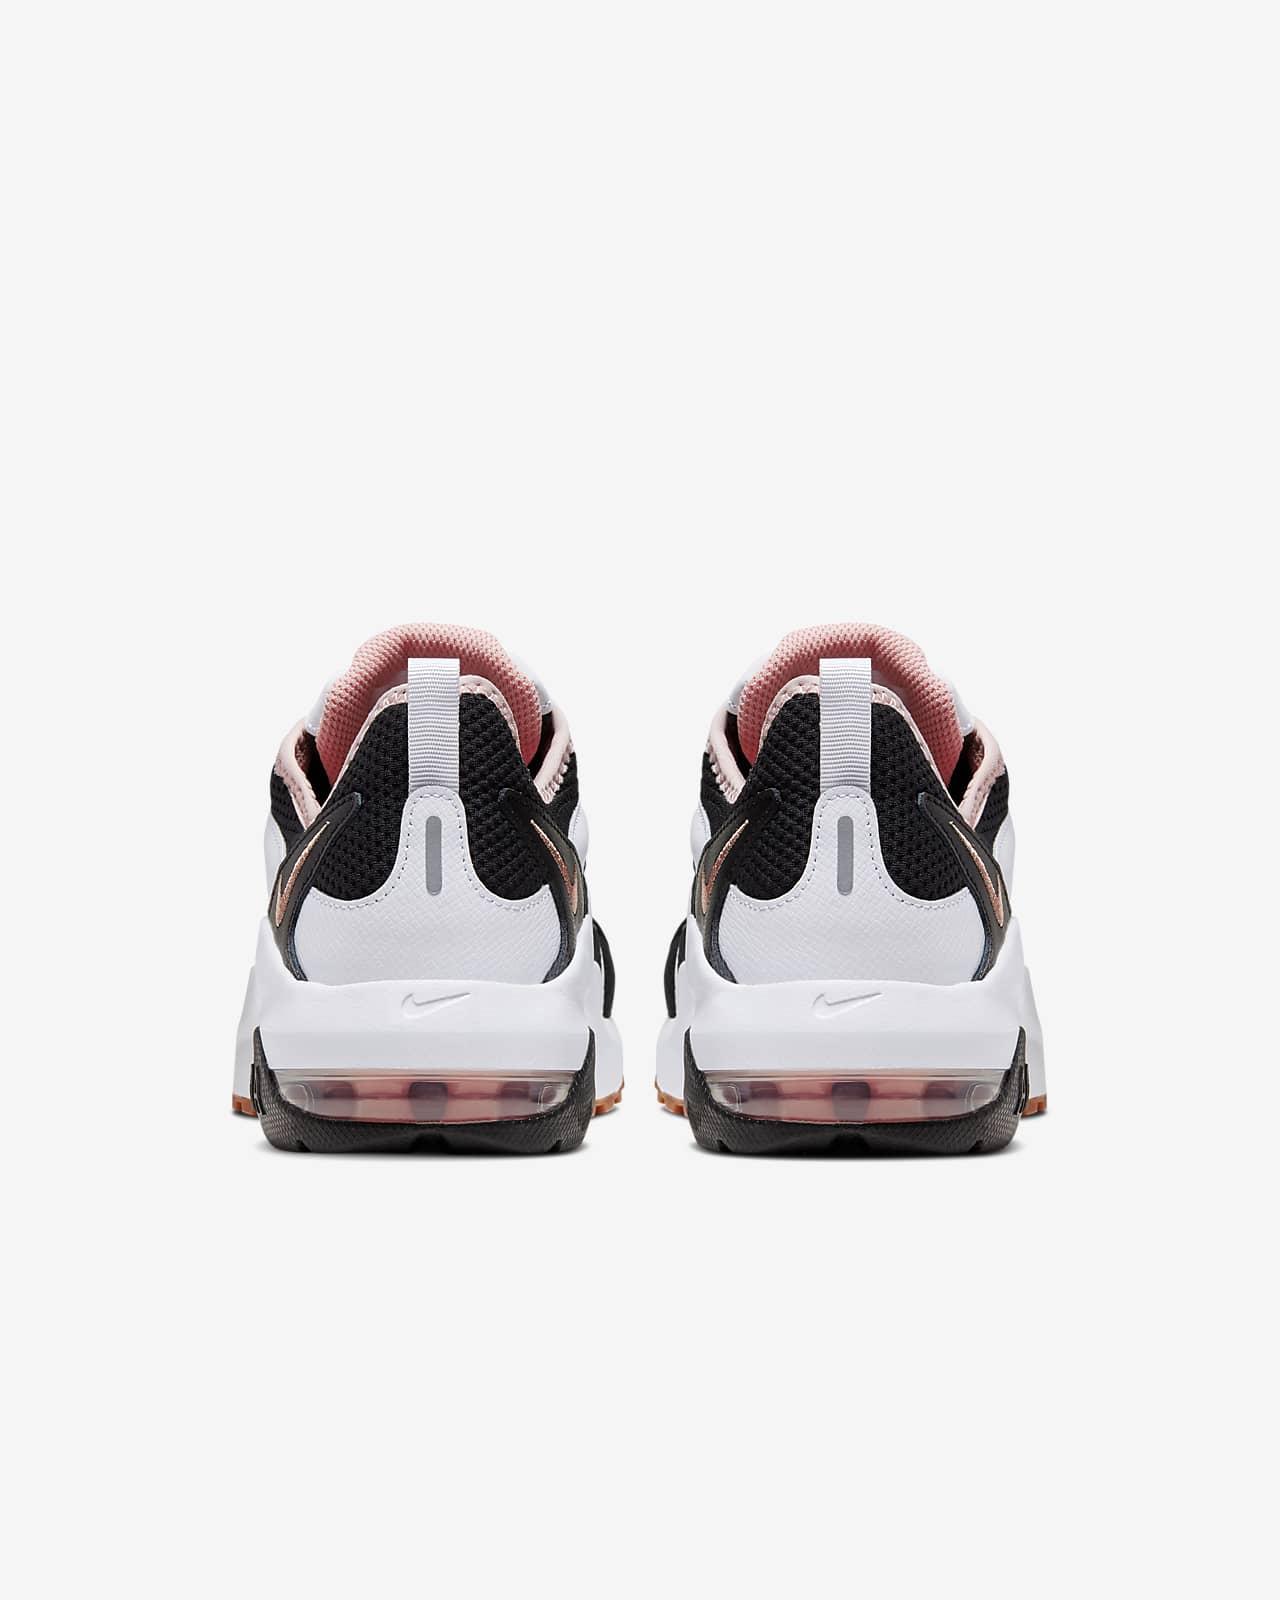 Chaussure Nike Air Max Graviton pour Femme